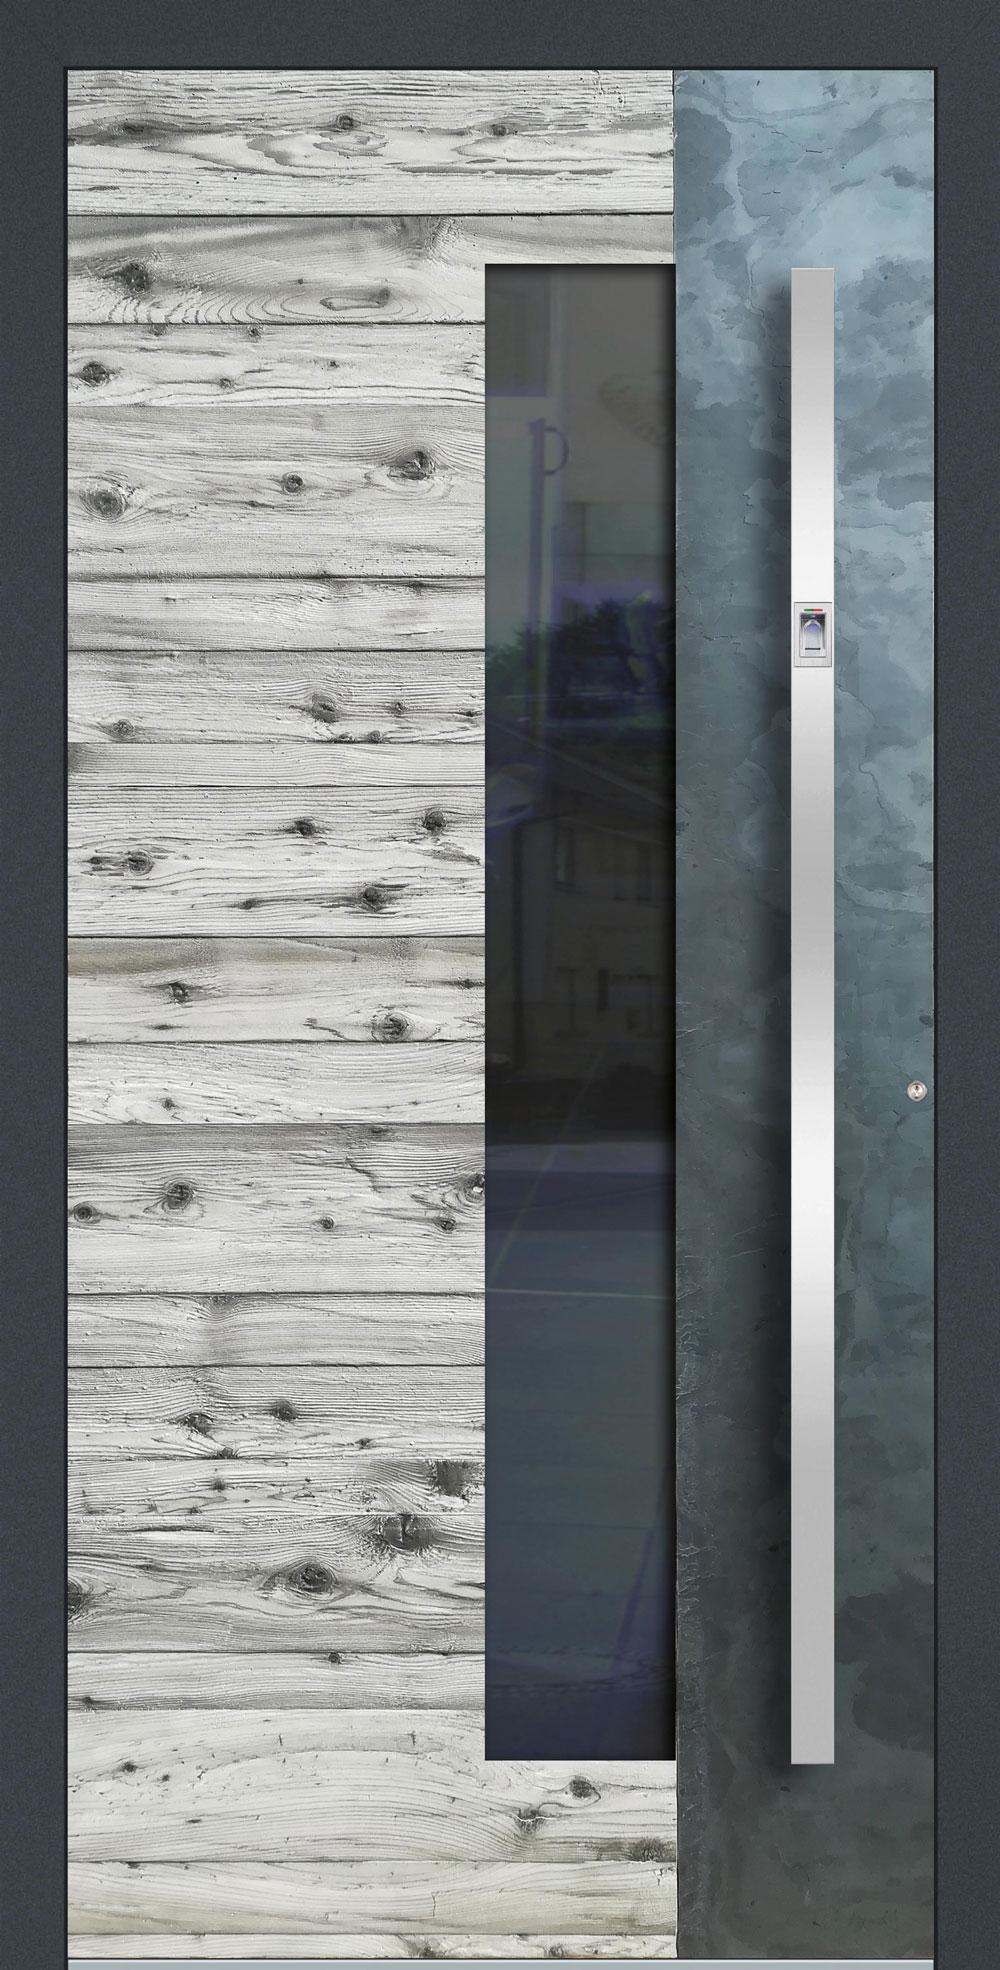 WHSG01 ISO-Wärmeschutzverglasung klar Altholz-Design mit Echtschiefer-Applikation einseitig außen Anwendungsbeispiel in flügelüberdeckend, Edelstahlgriff 11090 ES mit integriertem Fingerprint